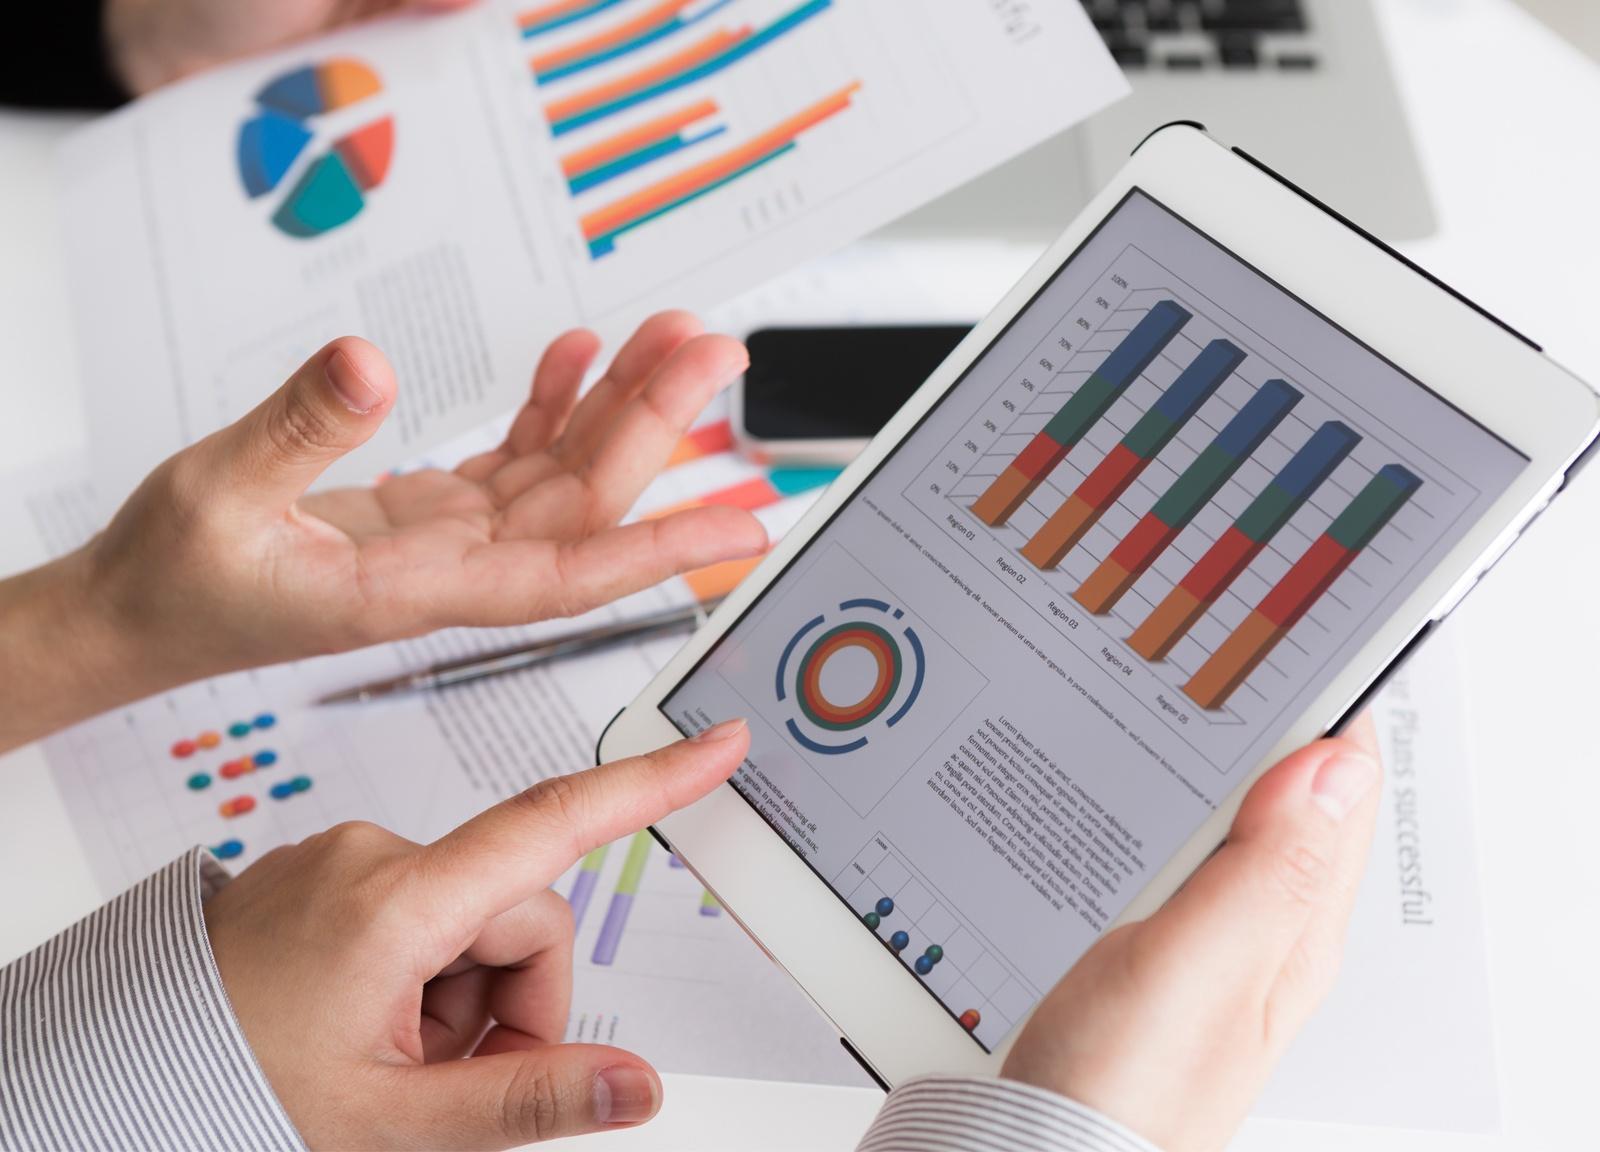 O que a sua Loja Virtual está fazendo com os relatórios de gestão?